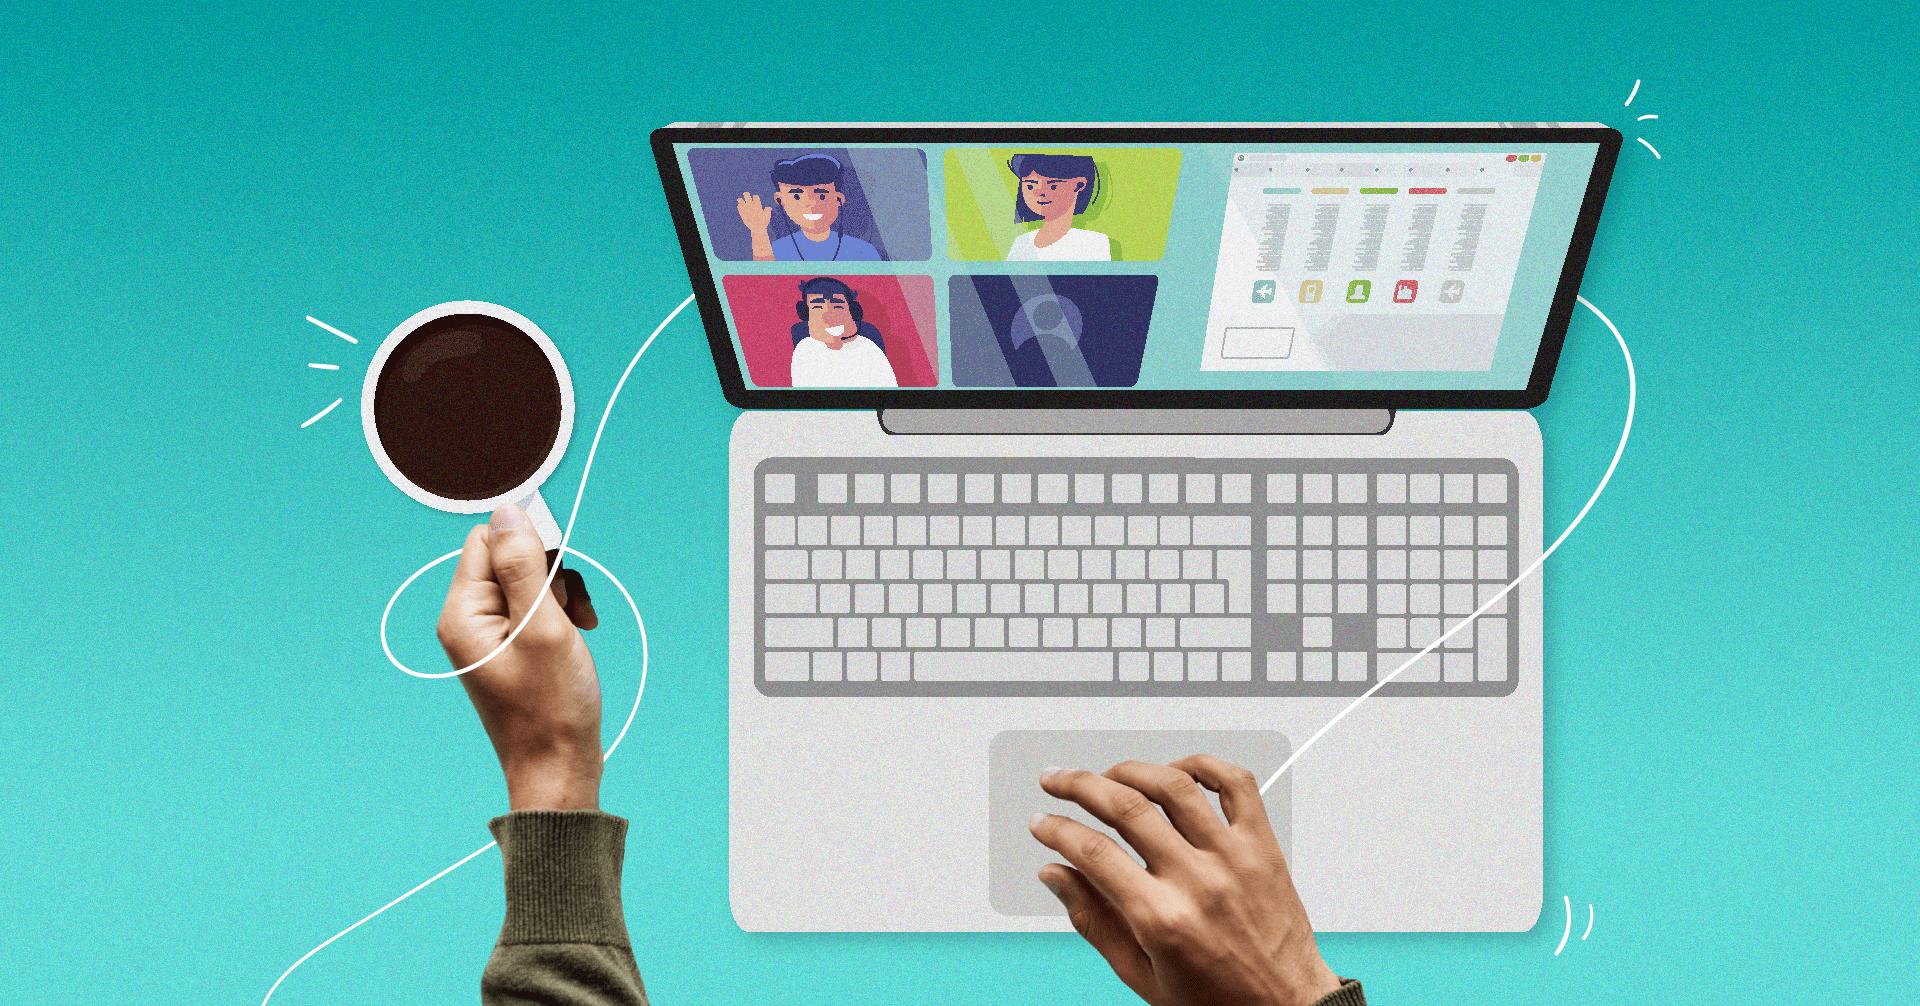 Home office na educação: dicas práticas para não perder a produtividade - Rubeus